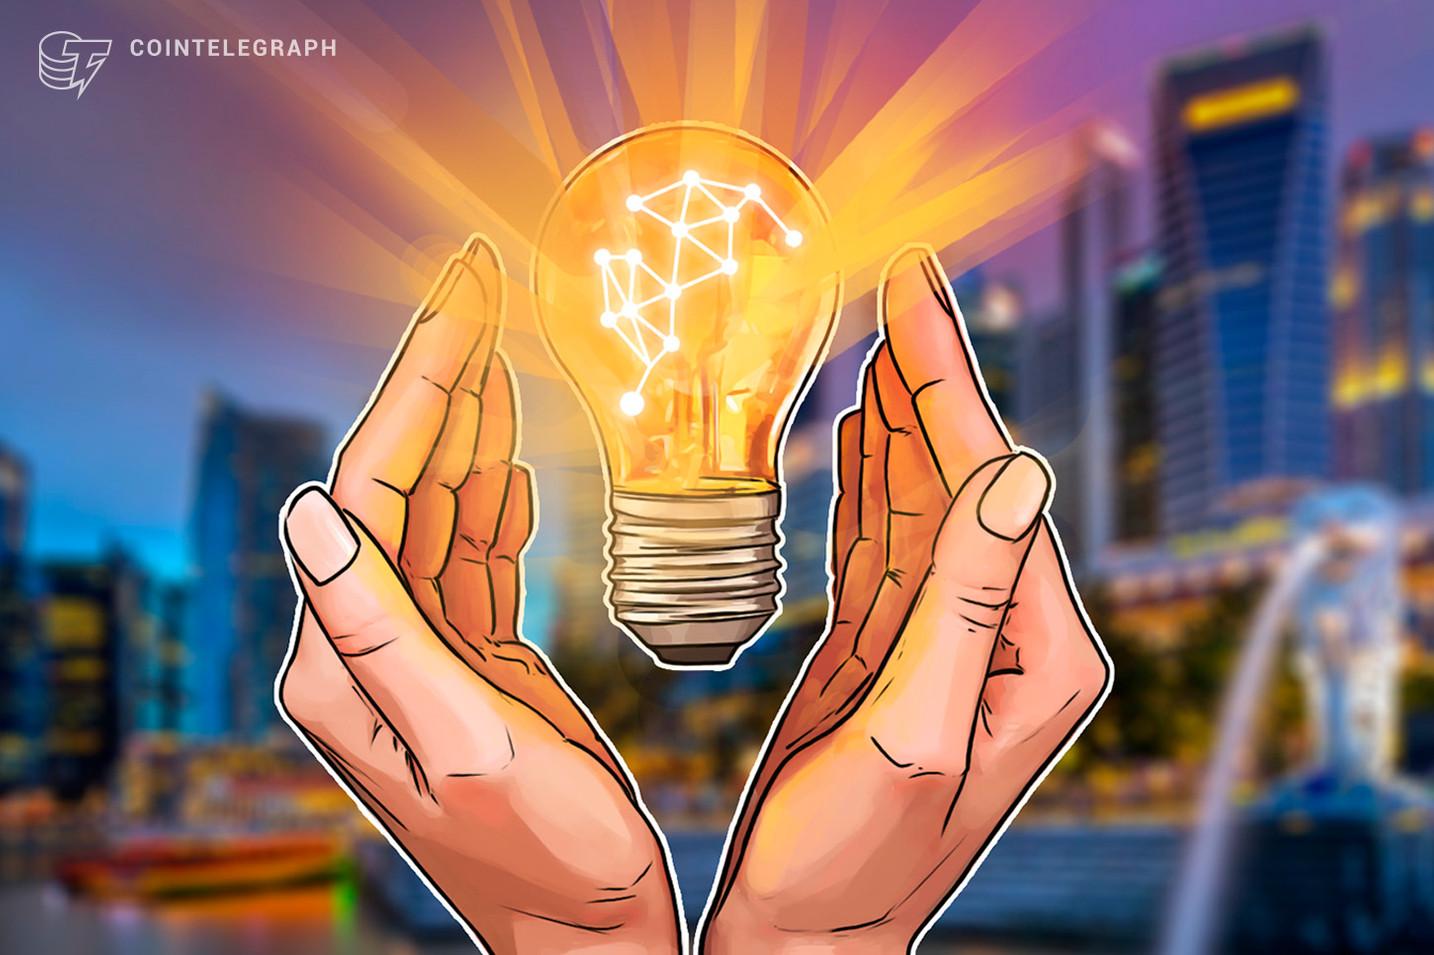 Singapur: Unternehmen plant 8,5 Mio. Euro Krypto- und Blockchain-Investmentfonds